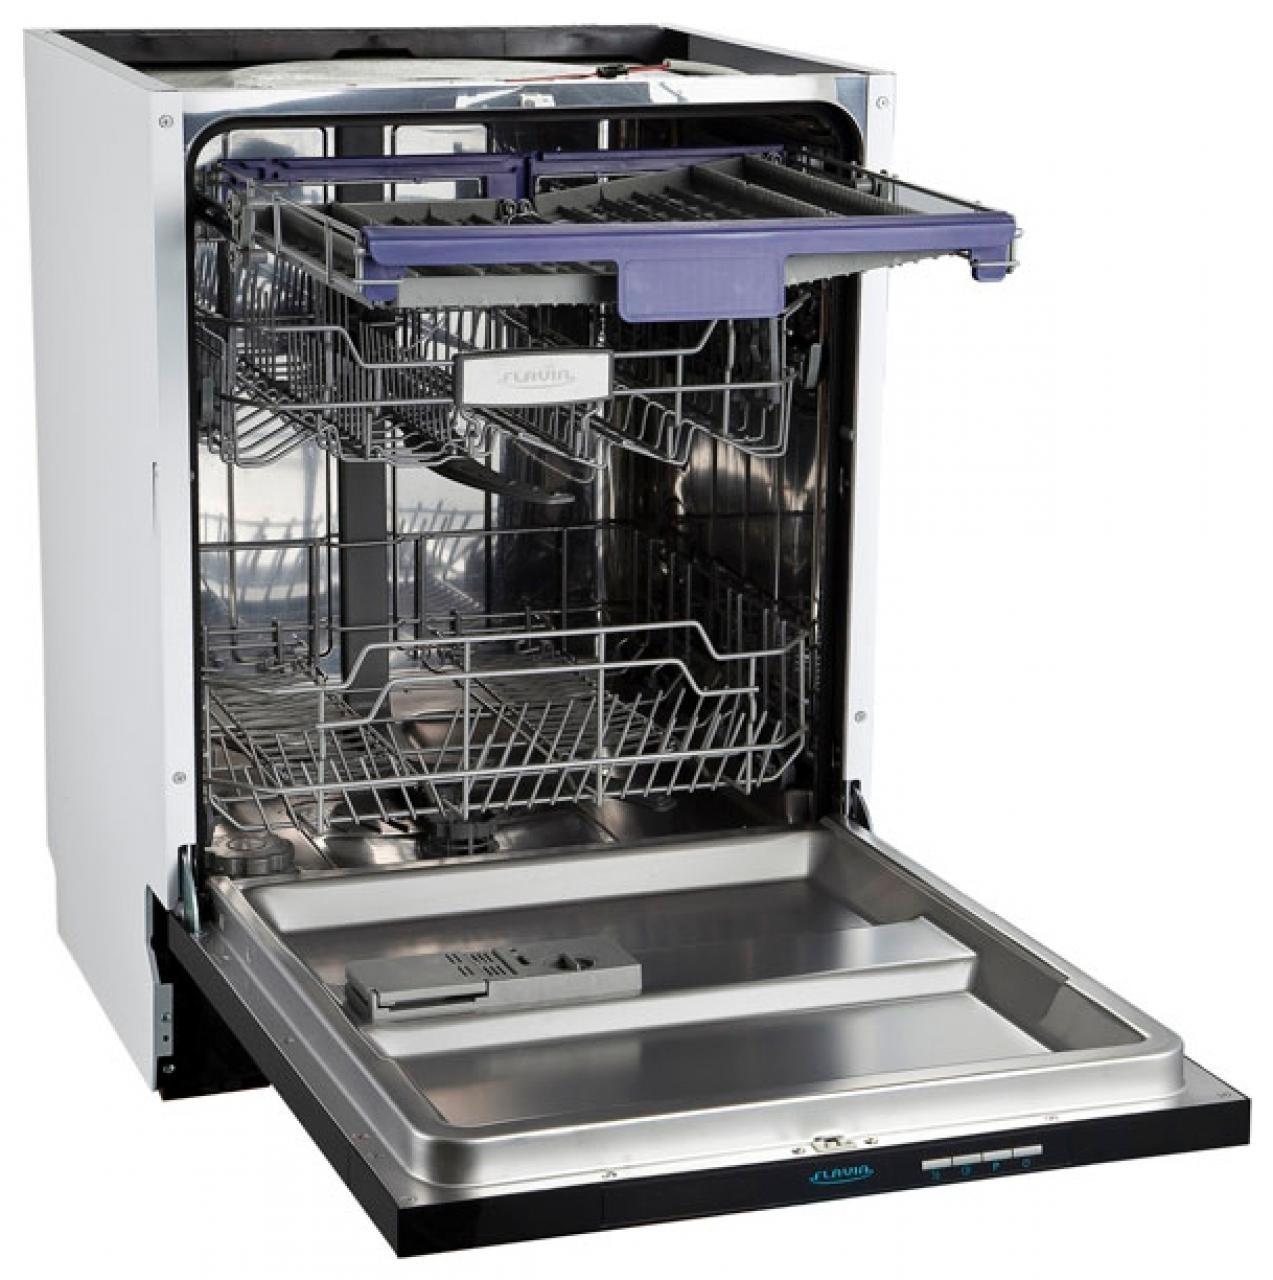 Flavia bi 45 alta. посудомоечные машины flavia bi 45: лучшие модели, характеристики